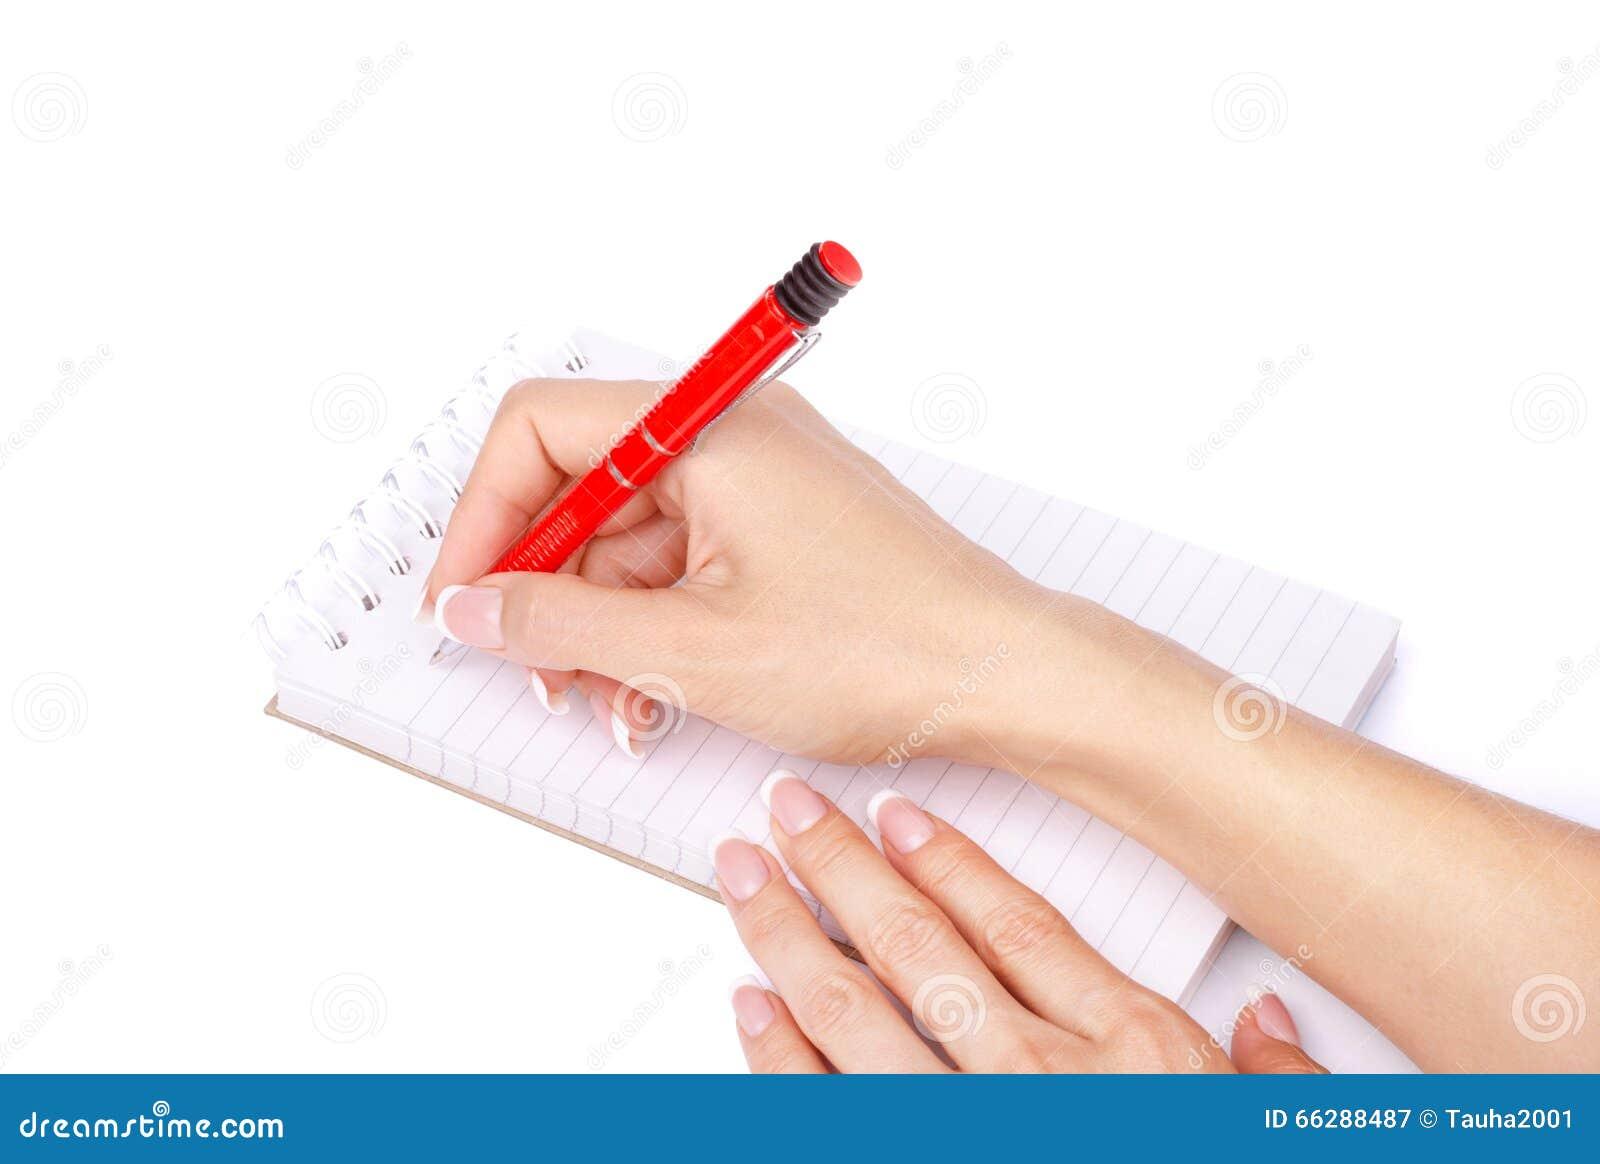 A mão da mulher com uma pena escreve em um caderno isolado